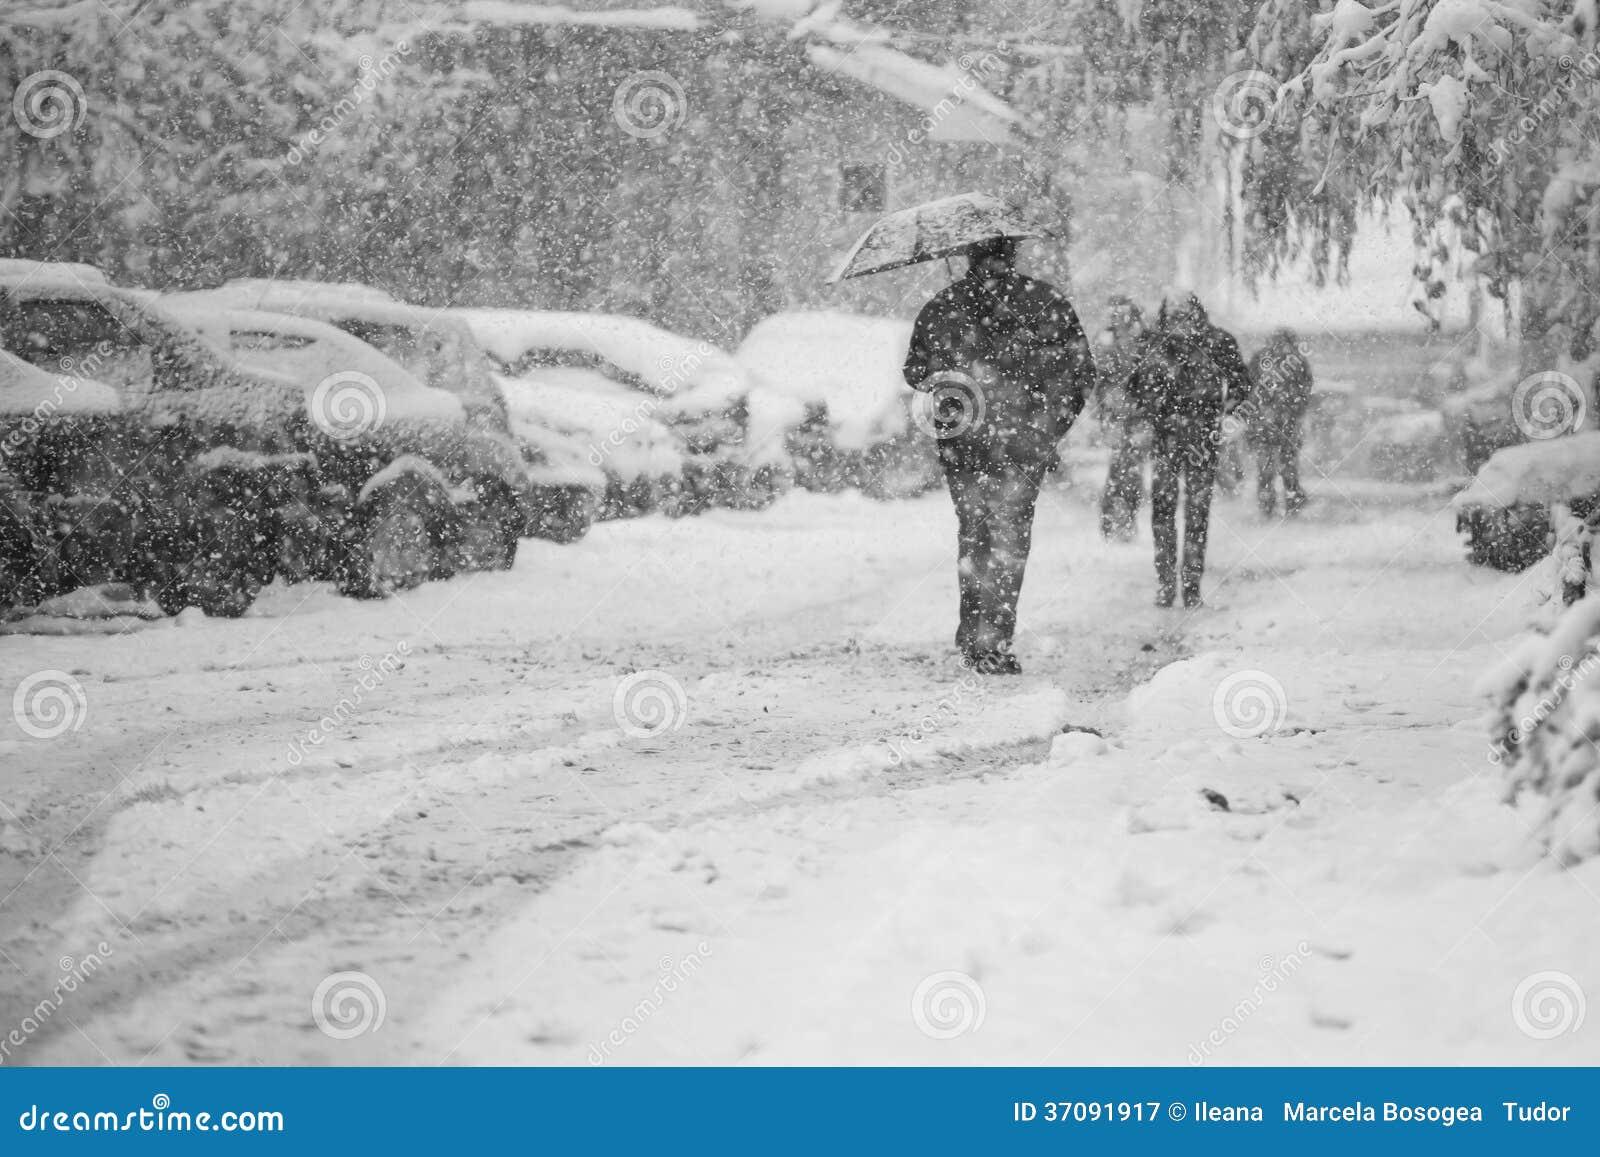 Download Snowing Miastowy Krajobraz Z Ludźmi Przechodzi Obok Obraz Stock - Obraz złożonej z piękny, snowflakes: 37091917